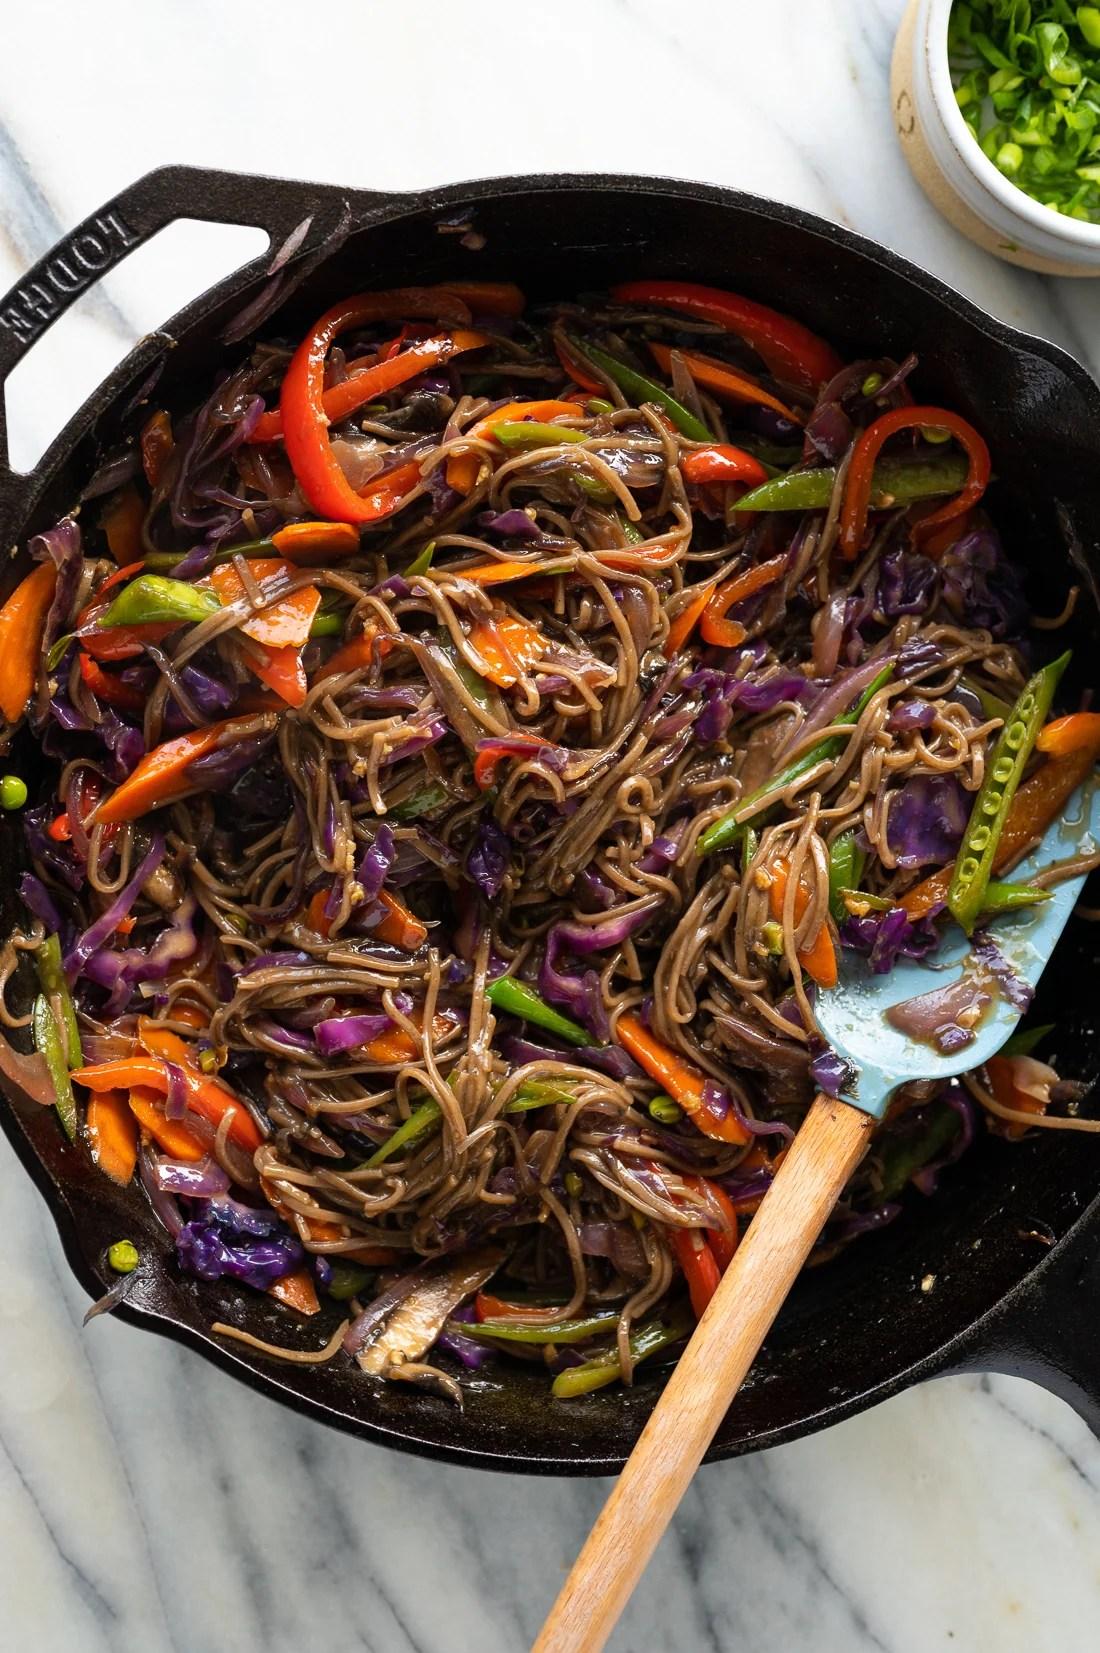 vegetarian teriyaki stir fry with noodles recipe